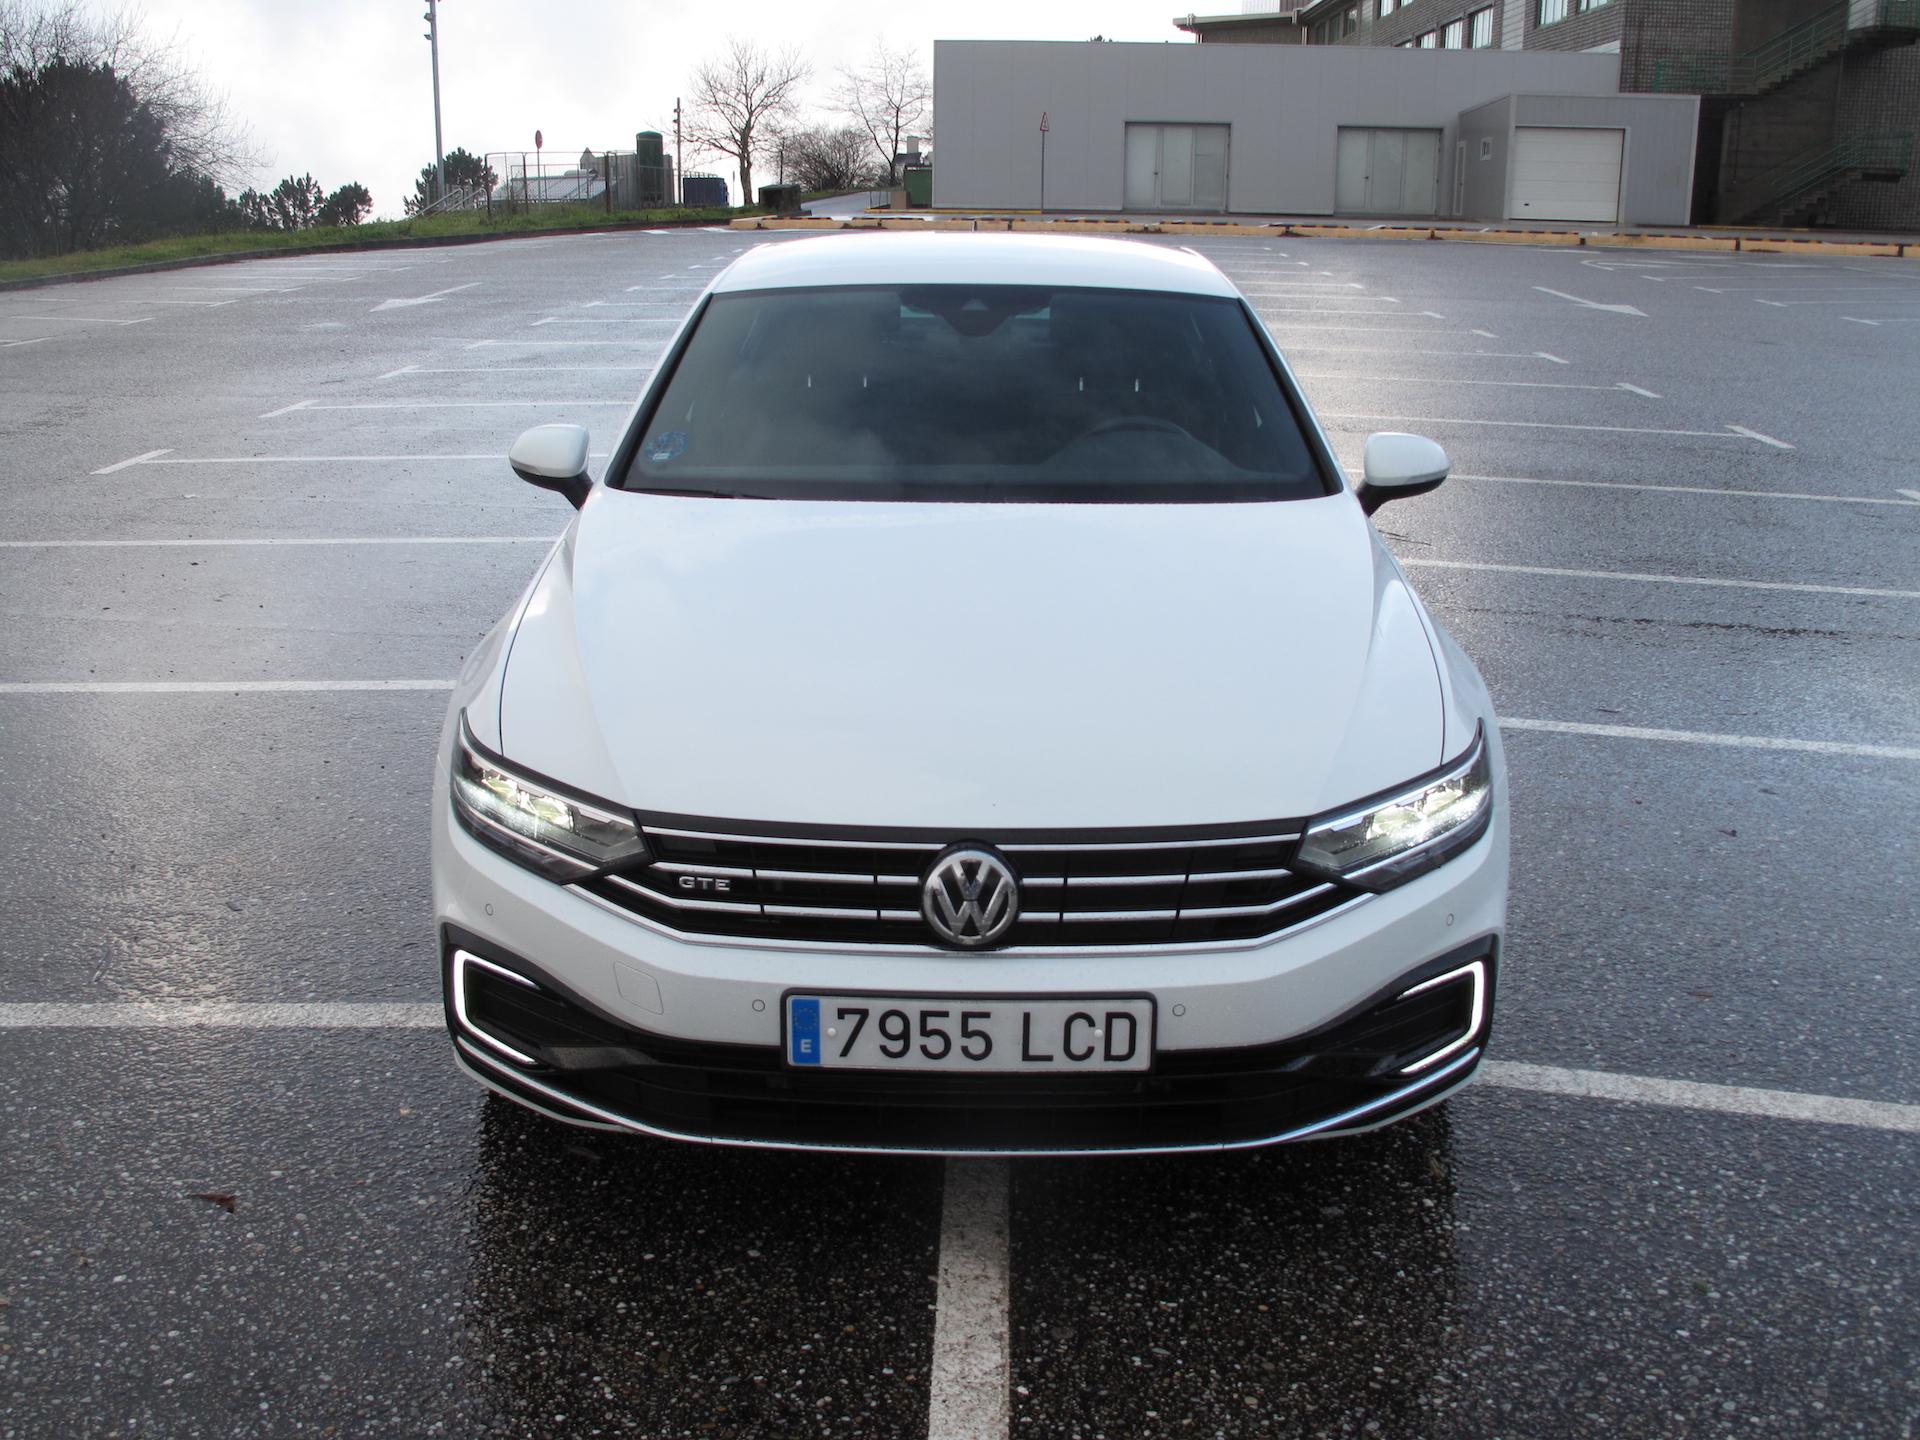 Prueba Volkswagen Passat Gte 15